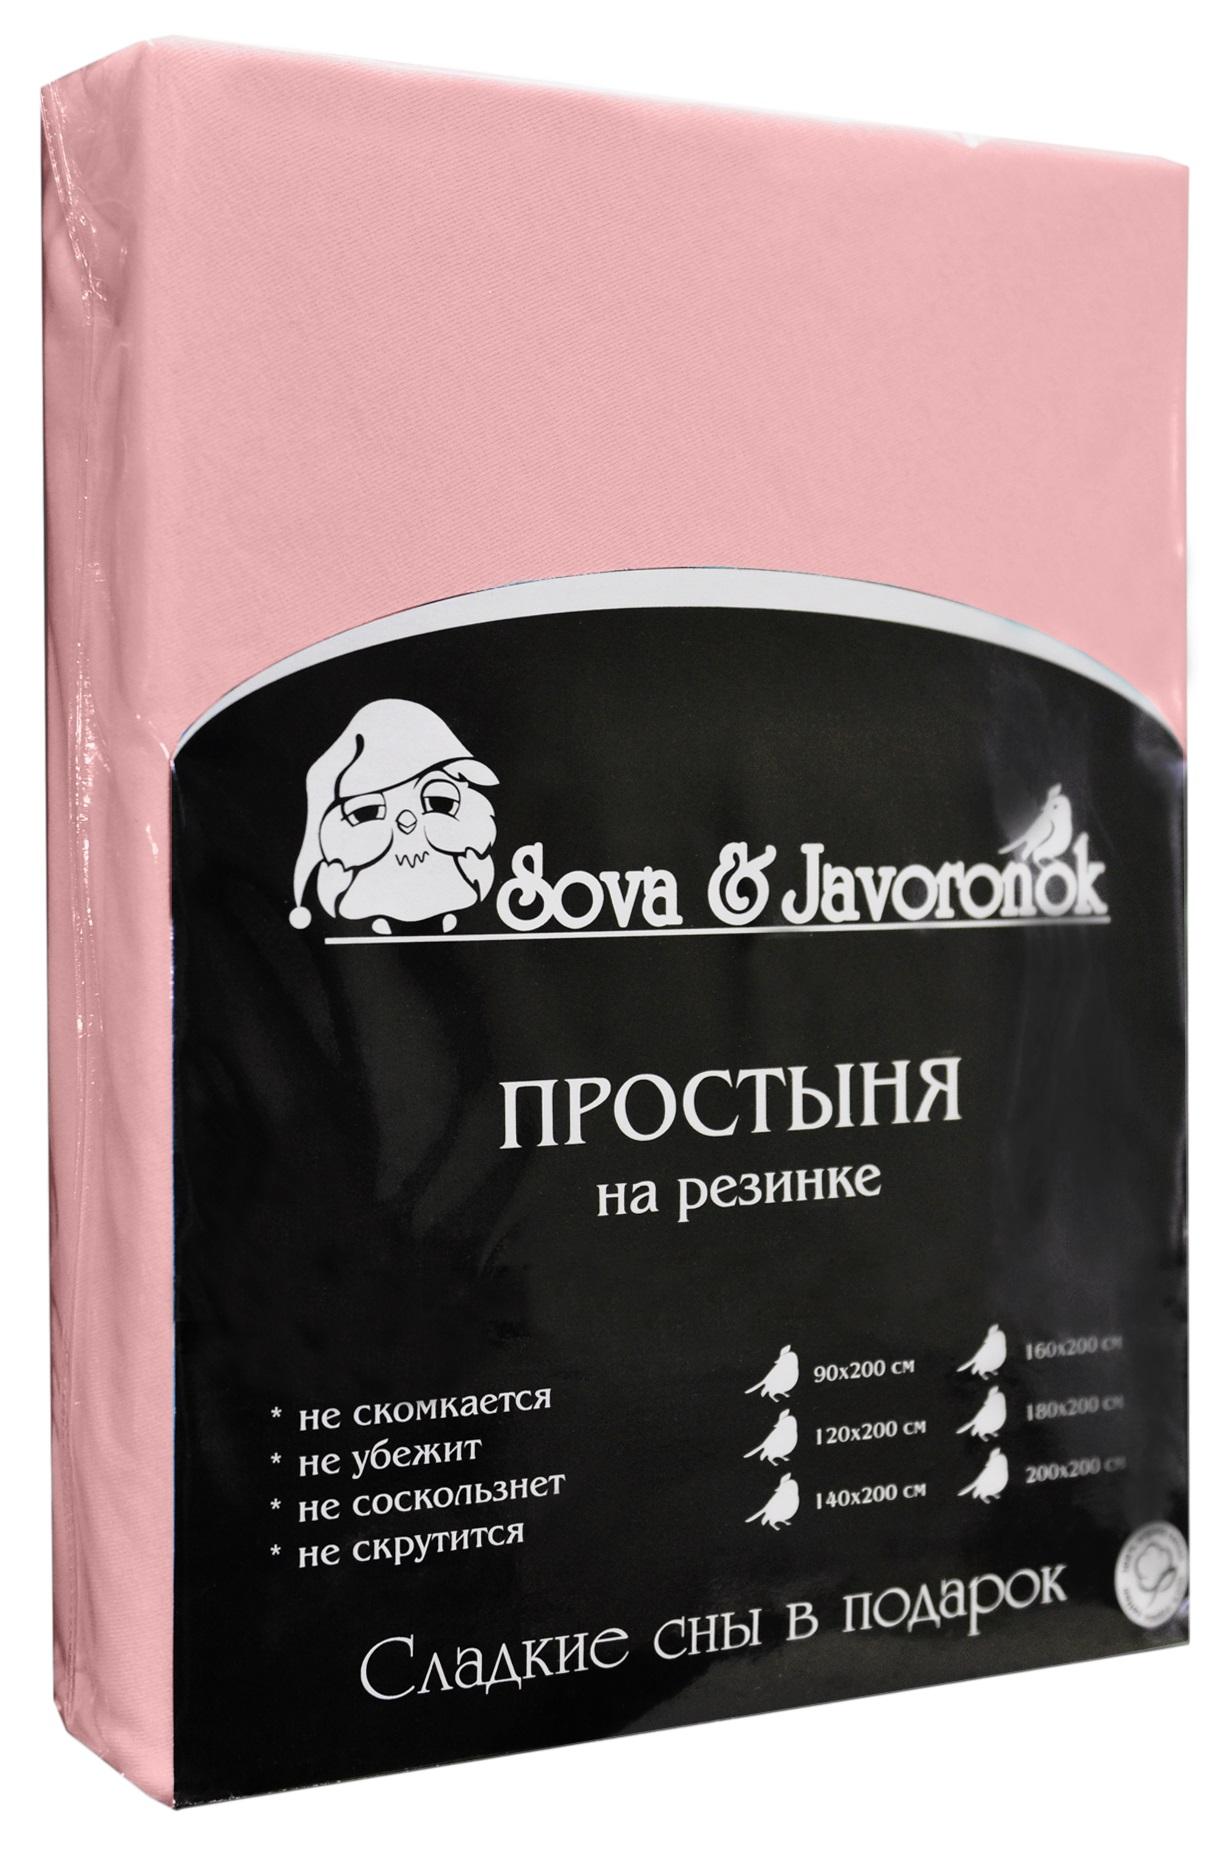 Простыня на резинке Sova & Javoronok, цвет: светло-розовый, 180 х 200 см0803114200Простыня на резинке Sova & Javoronok, изготовленная из трикотажной ткани (100% хлопок), будет превосходно смотреться с любыми комплектами белья. Хлопчатобумажный трикотаж по праву считается одним из самых качественных, прочных и при этом приятных на ощупь. Его гигиеничность позволяет использовать простыню и в детских комнатах, к тому же 100%-ый хлопок в составе ткани не вызовет аллергии. У трикотажного полотна очень интересная структура, немного рыхлая за счет отсутствия плотного переплетения нитей и наличия особых петель, благодаря этому простыня Сова и Жаворонок отлично пропускает воздух и способствует его постоянной циркуляции. Поэтому ваша постель будет всегда оставаться свежей. Но главное и, пожалуй, самое известное свойство трикотажа - это его великолепная растяжимость, поэтому эта ткань и была выбрана для натяжной простыни на резинке.Простыня прошита резинкой по всему периметру, что обеспечивает более комфортный отдых, так как она прочно удерживается на матрасе и избавляет от необходимости часто поправлять простыню.